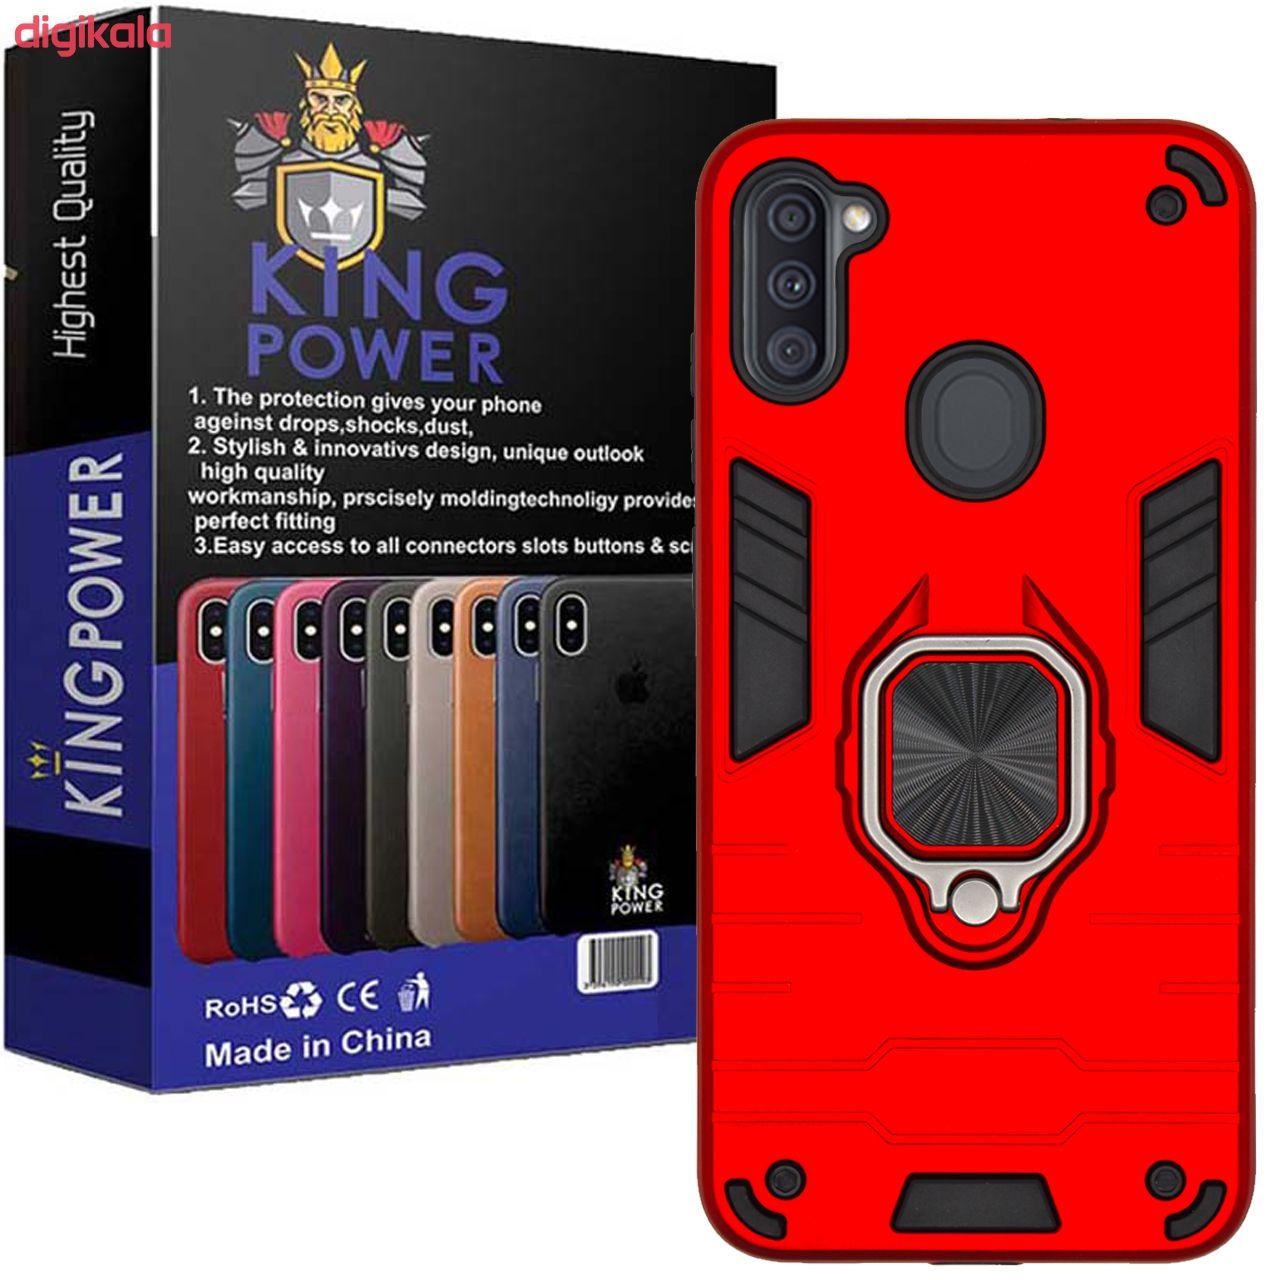 کاور کینگ پاور مدل ASH22 مناسب برای گوشی موبایل سامسونگ Galaxy A11 main 1 2